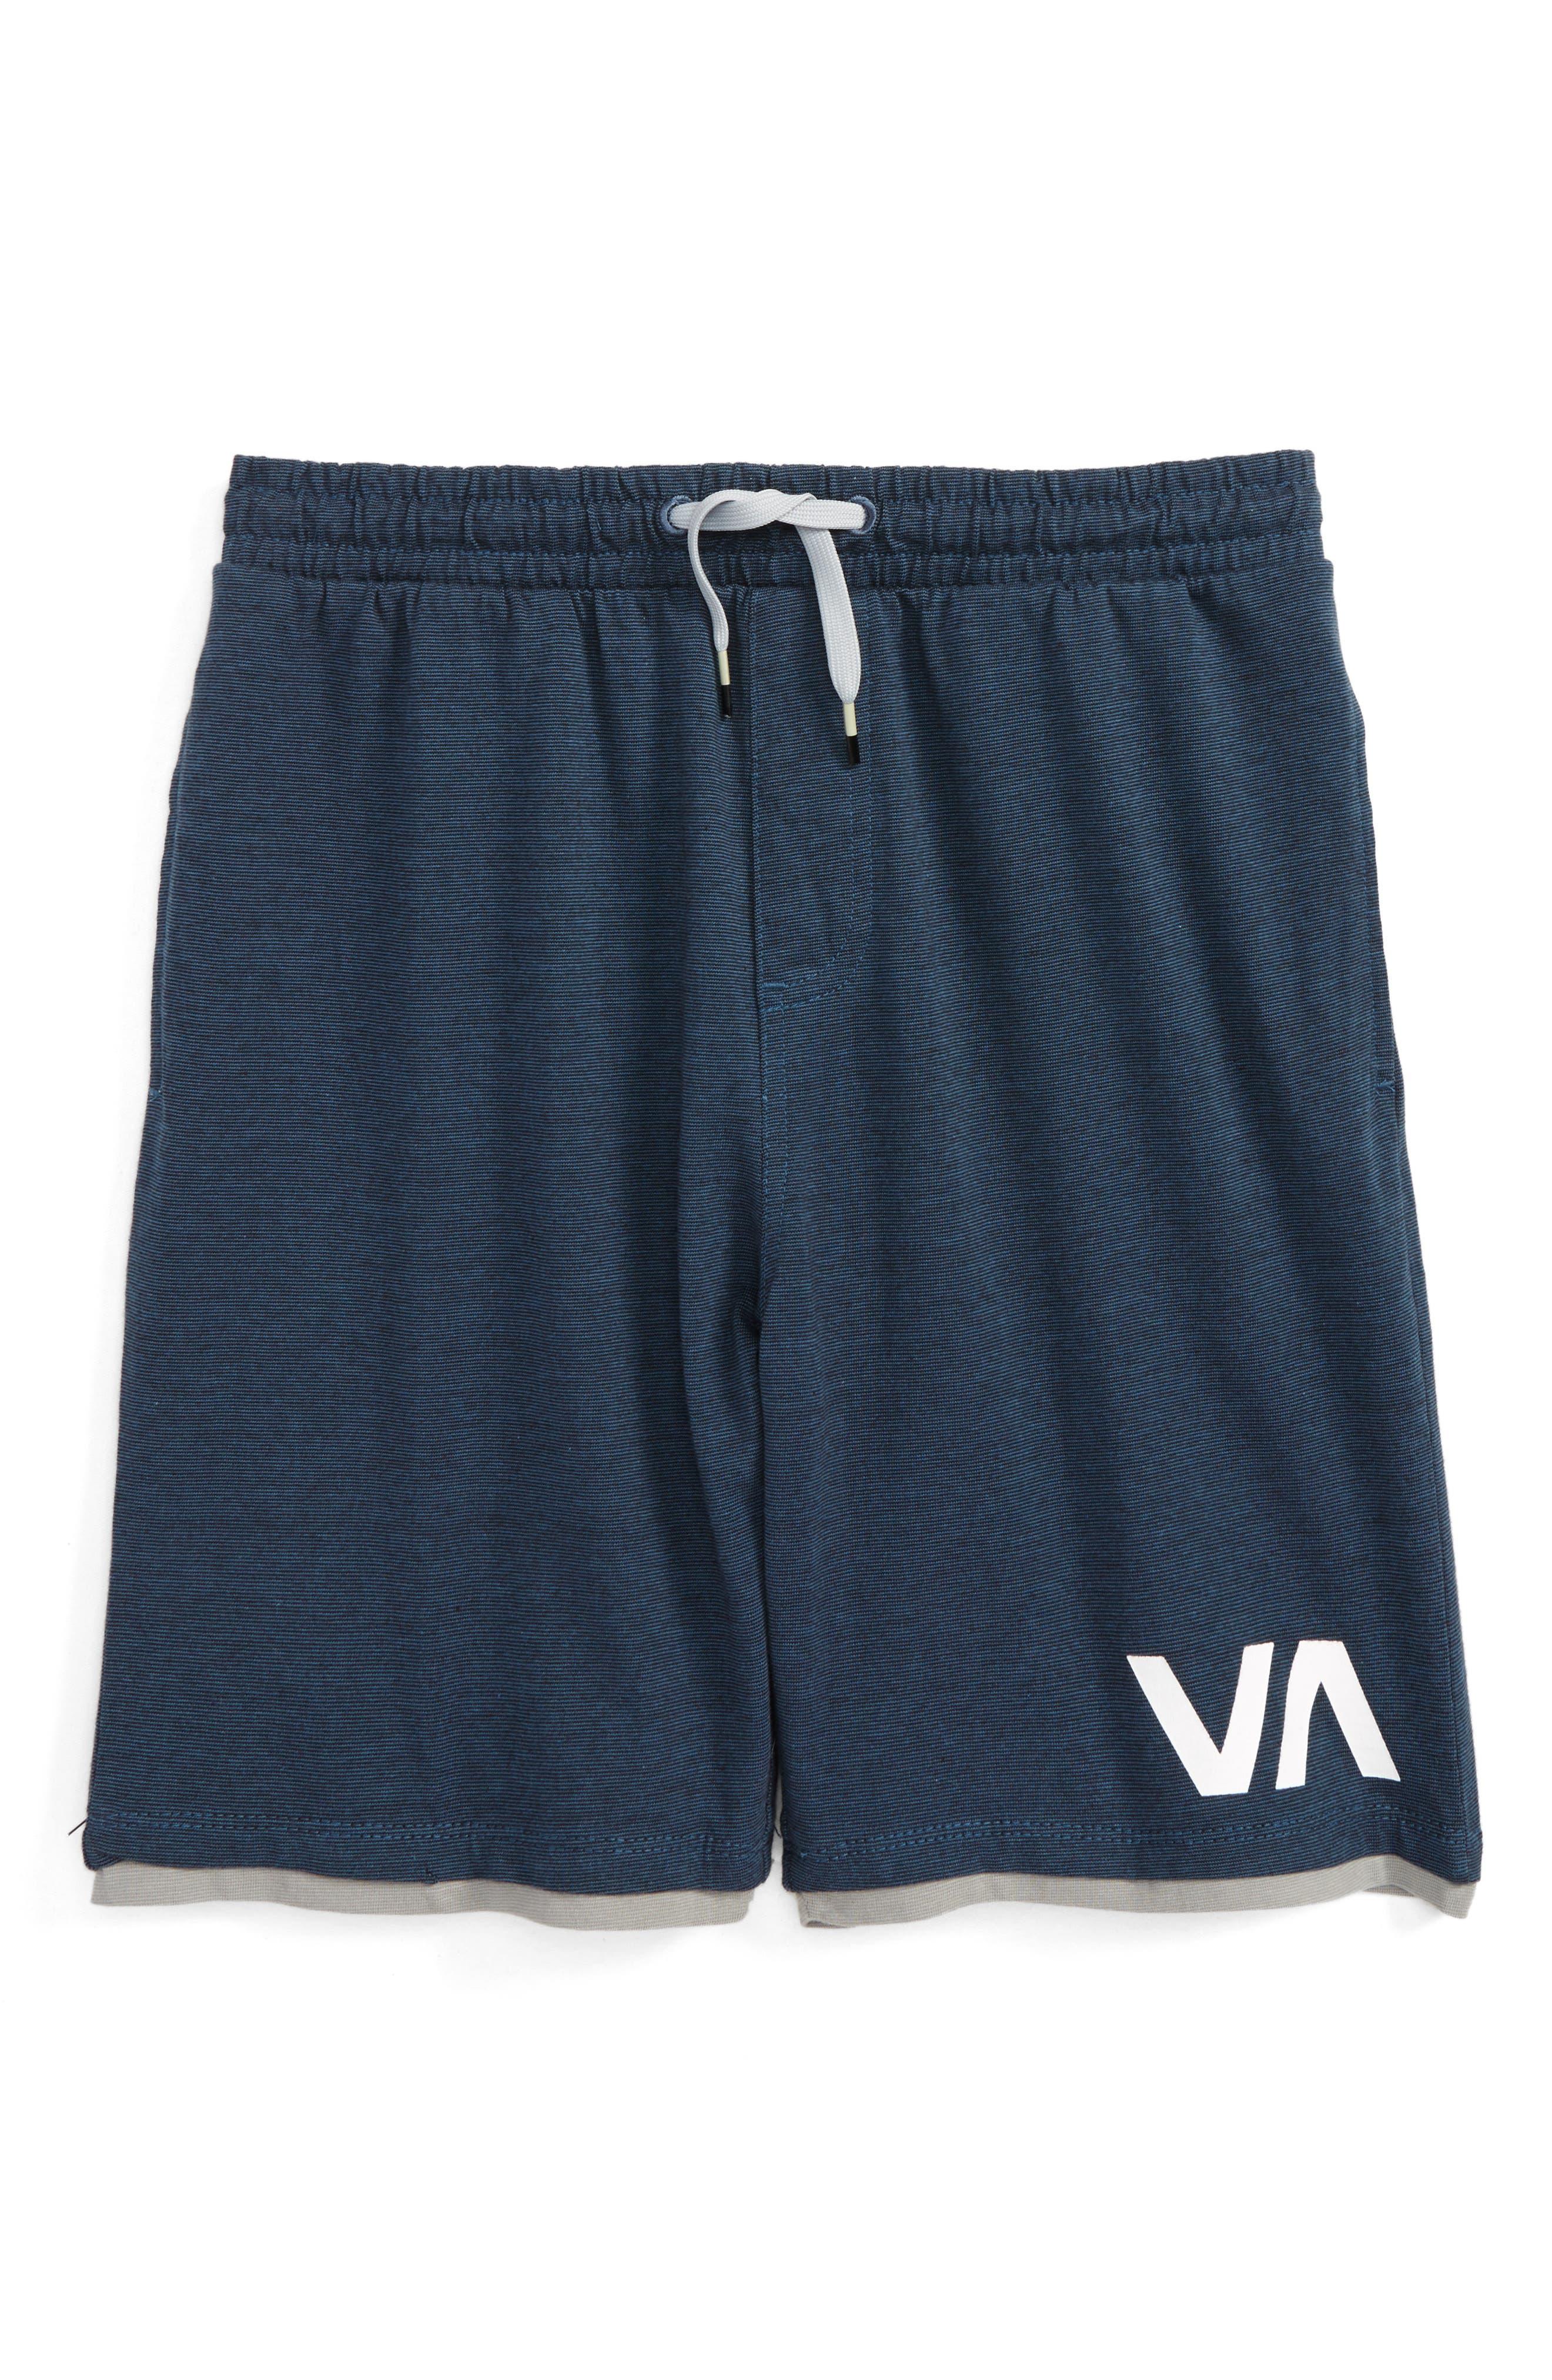 Layers II Shorts,                             Main thumbnail 1, color,